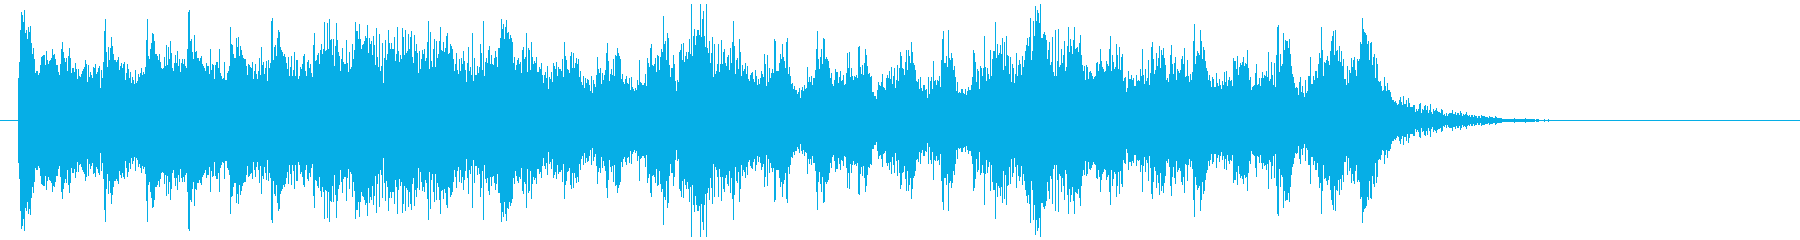 アップテンポな疾走感のある音楽の再生済みの波形